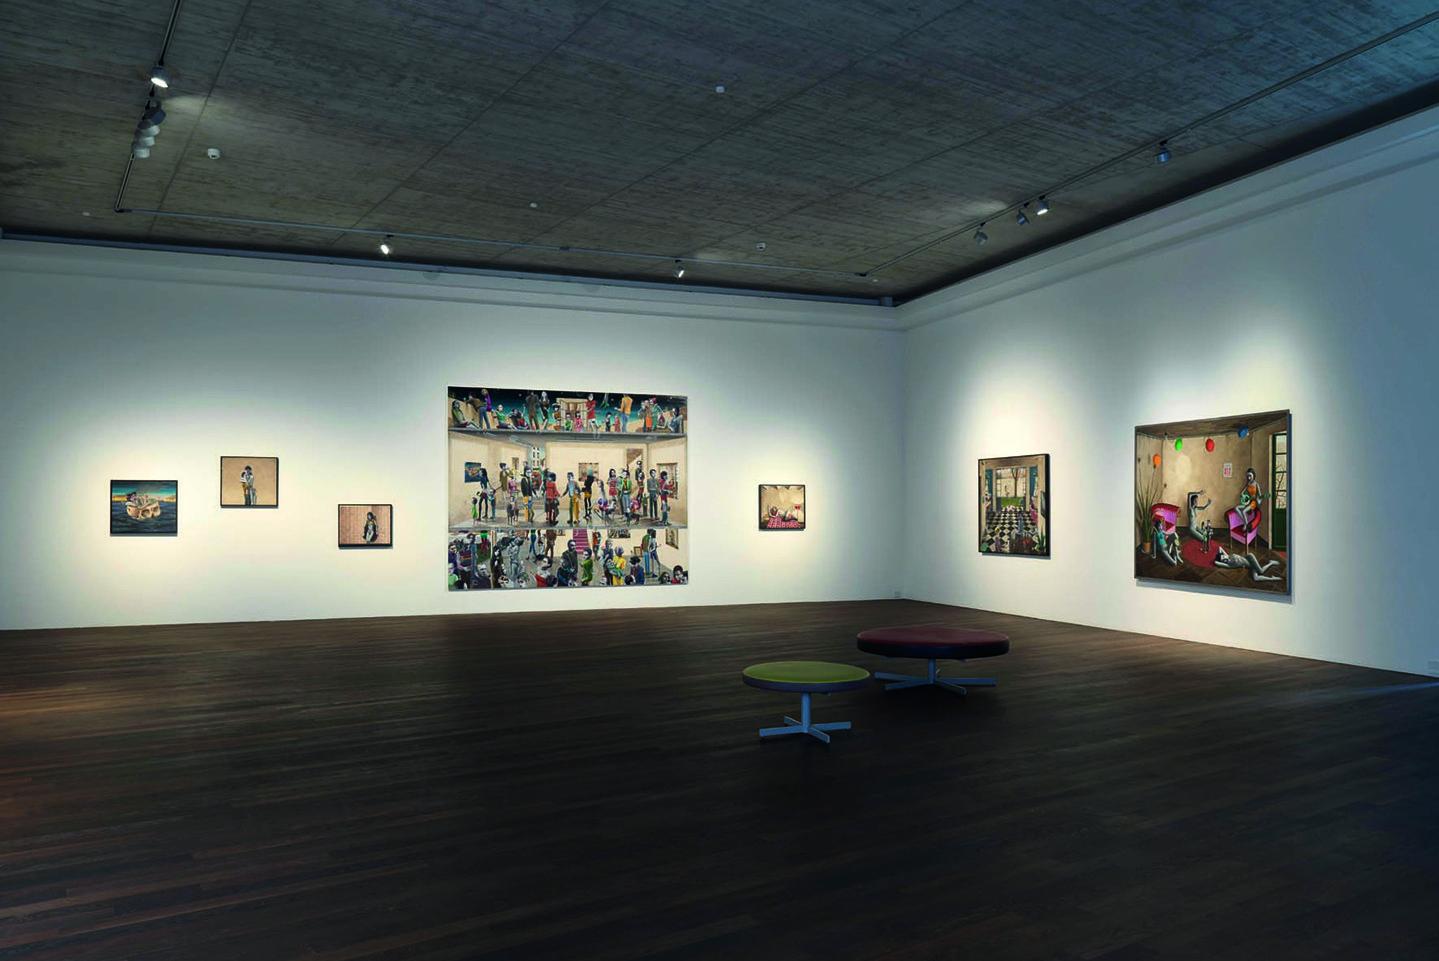 Gino Rubert Installation View At Galerie Michael Haas, Berlin Gallery  Weekend, 2017 © Galerie Michael Haas, Berlin. Photo: Lea Gryze